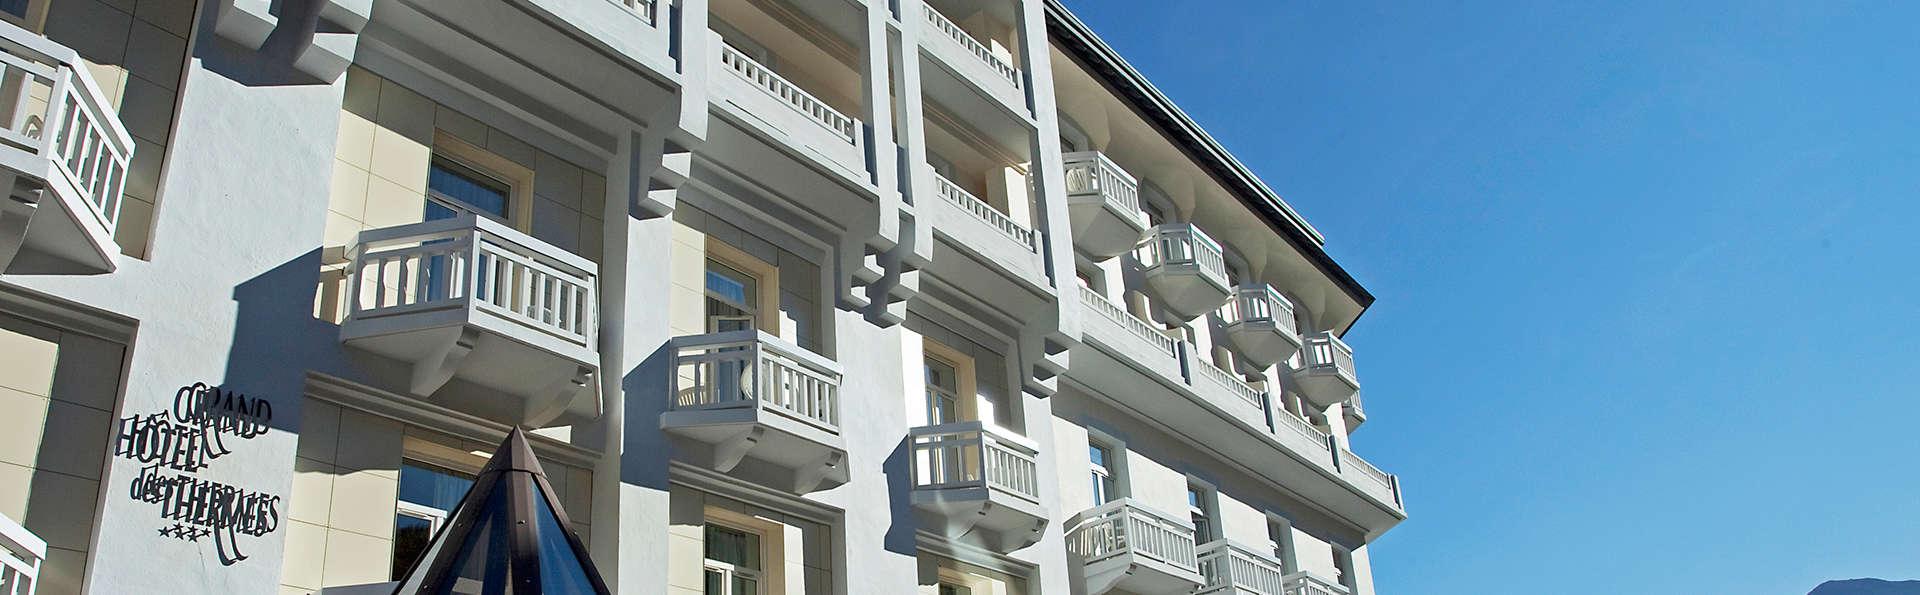 Mercure Brides-les Bains Grand Hôtel des Thermes - edit_facade2.jpg